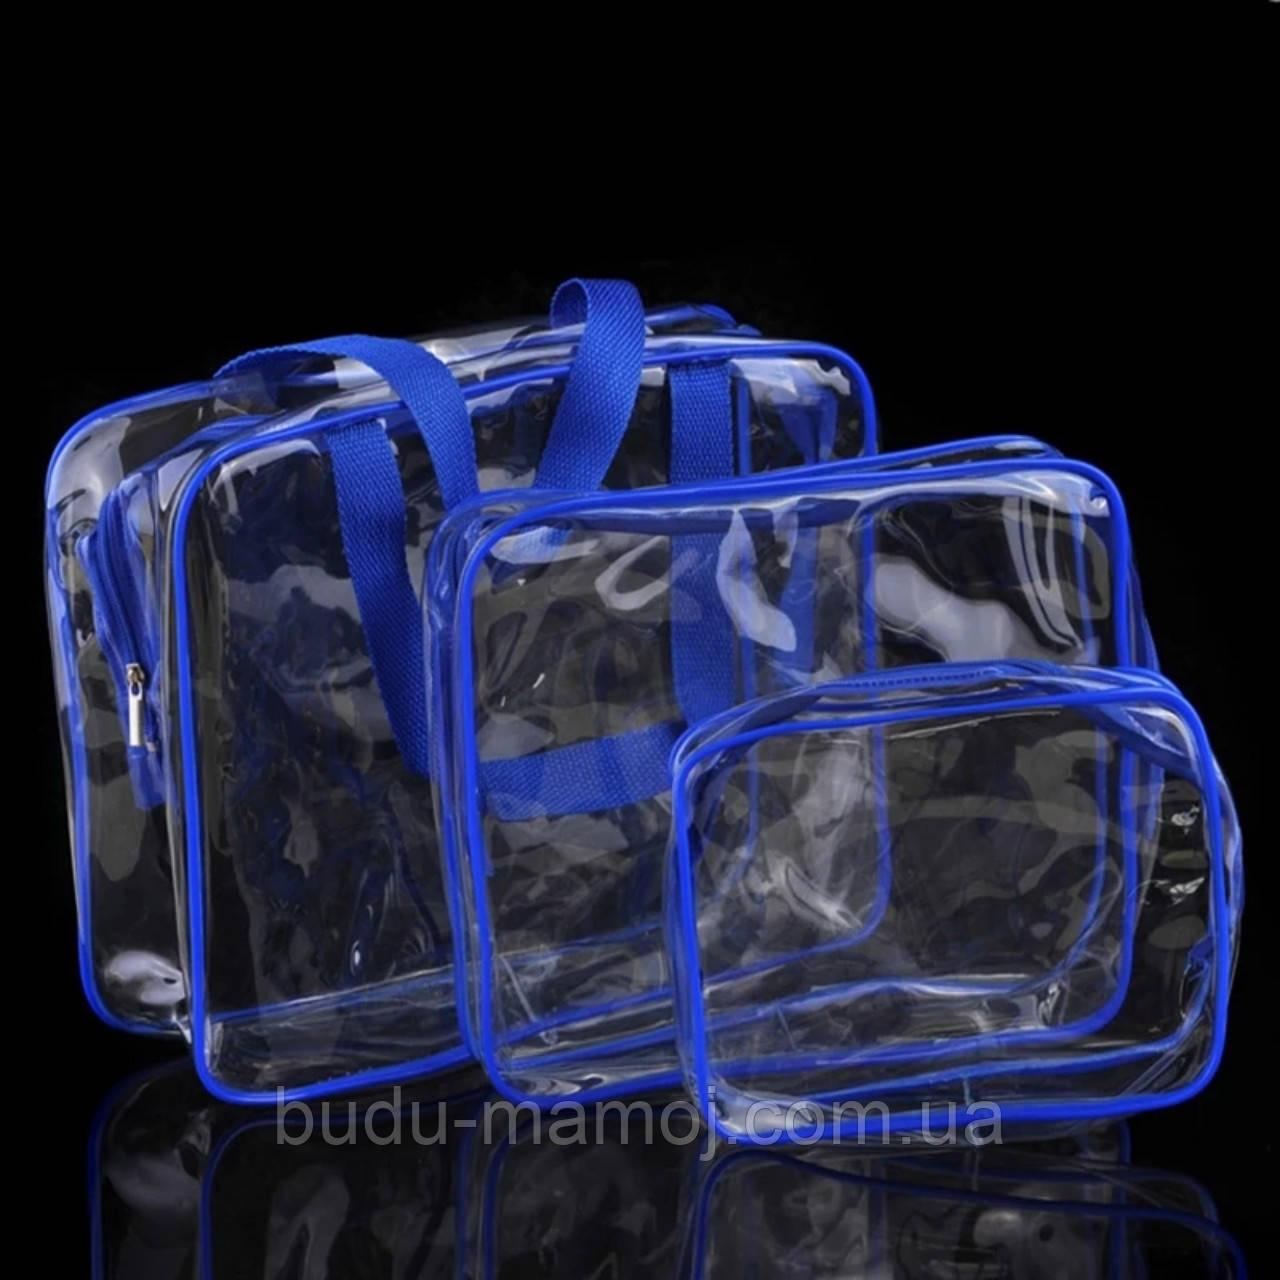 4шт Набор прозрачных сумок в роддом - поместится все Лучшая цена